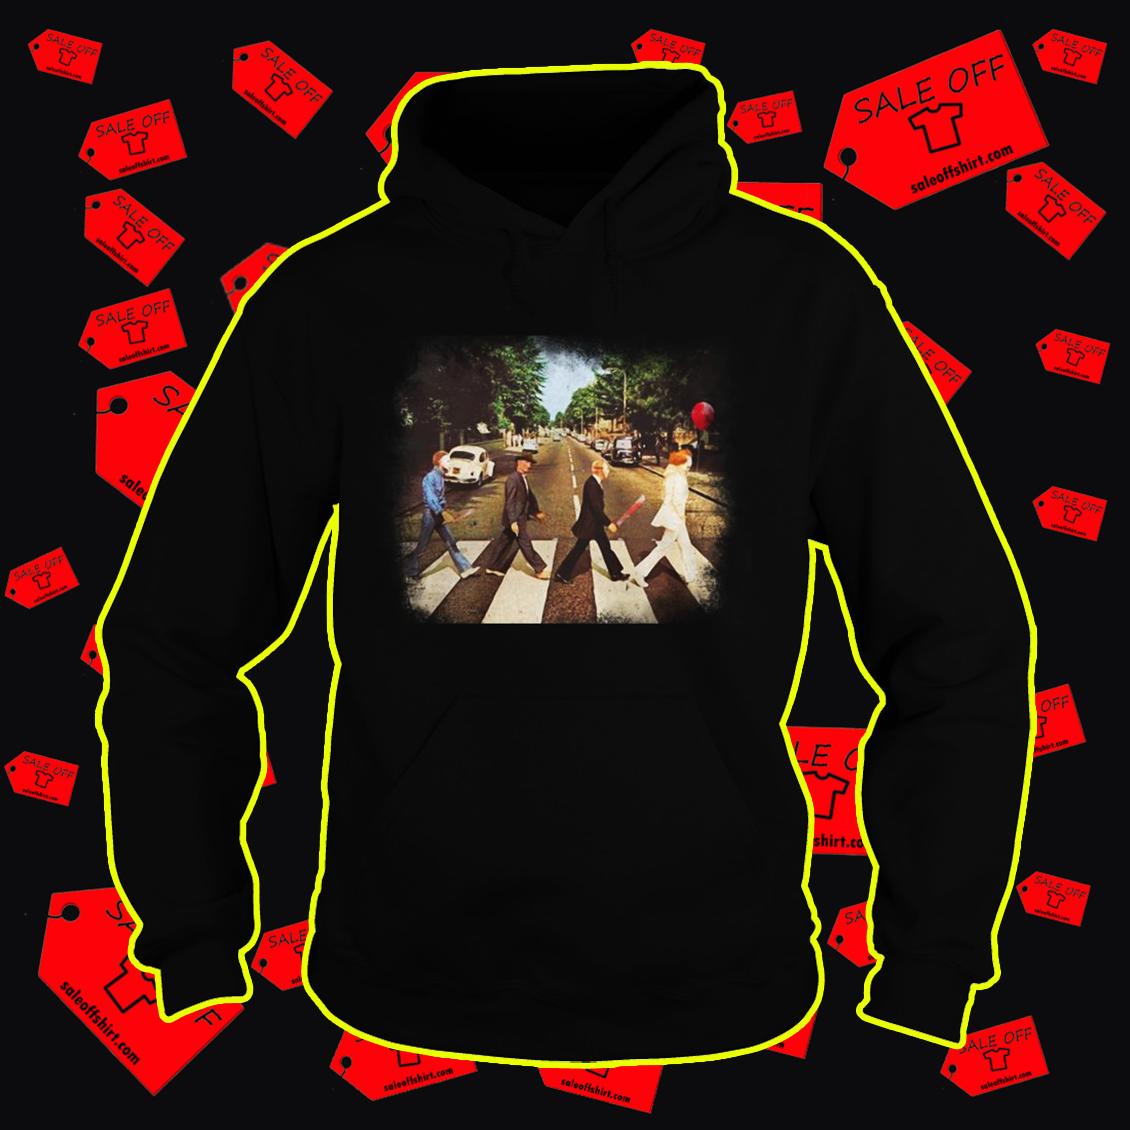 Abbey road Pennywise Michael Myers Freddy Krueger Jason Voorhees hoodie